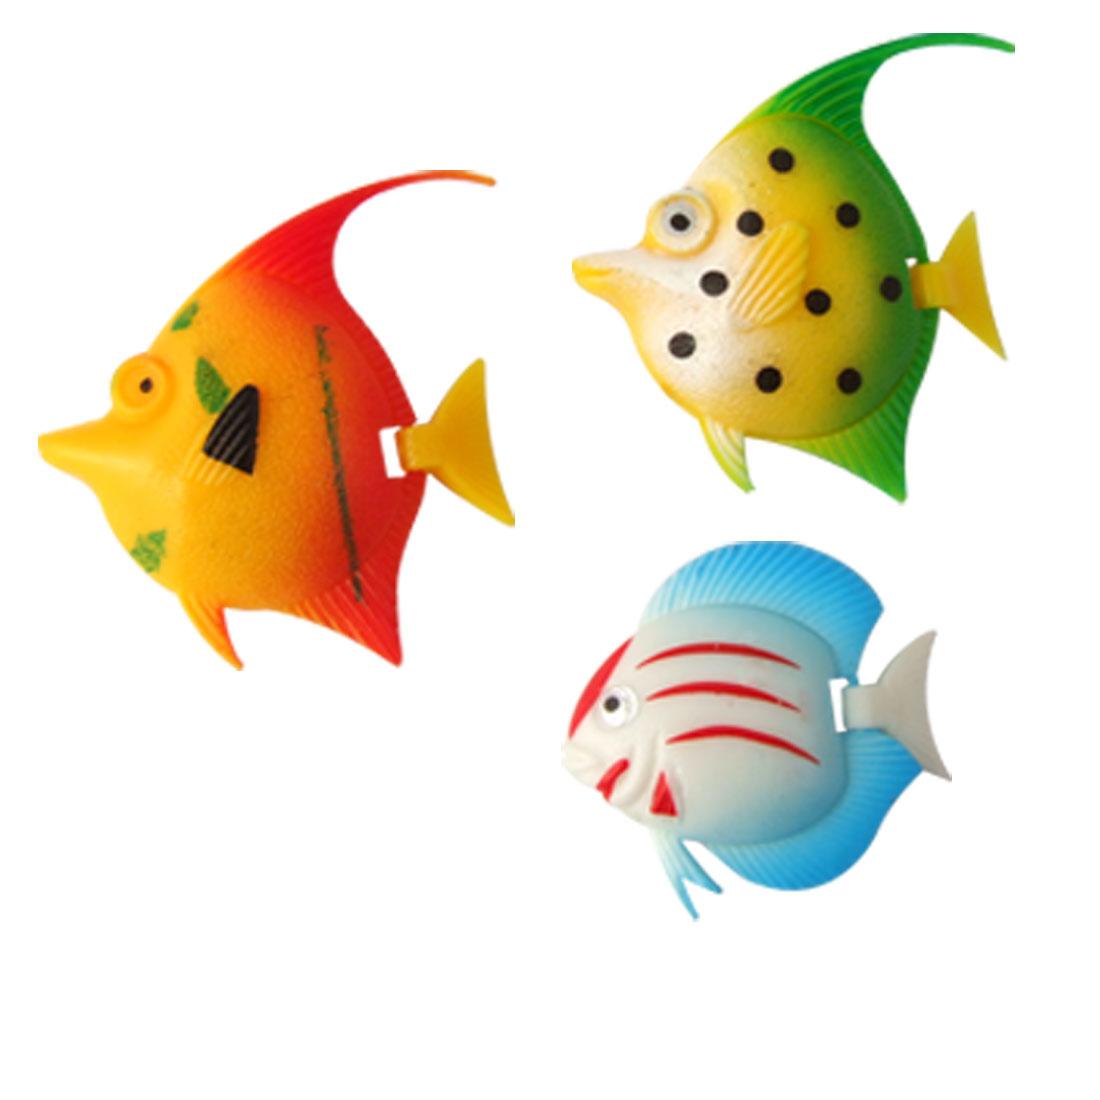 Colorful Hard Plastic Fish Decor 3 Pcs for Fish Tank